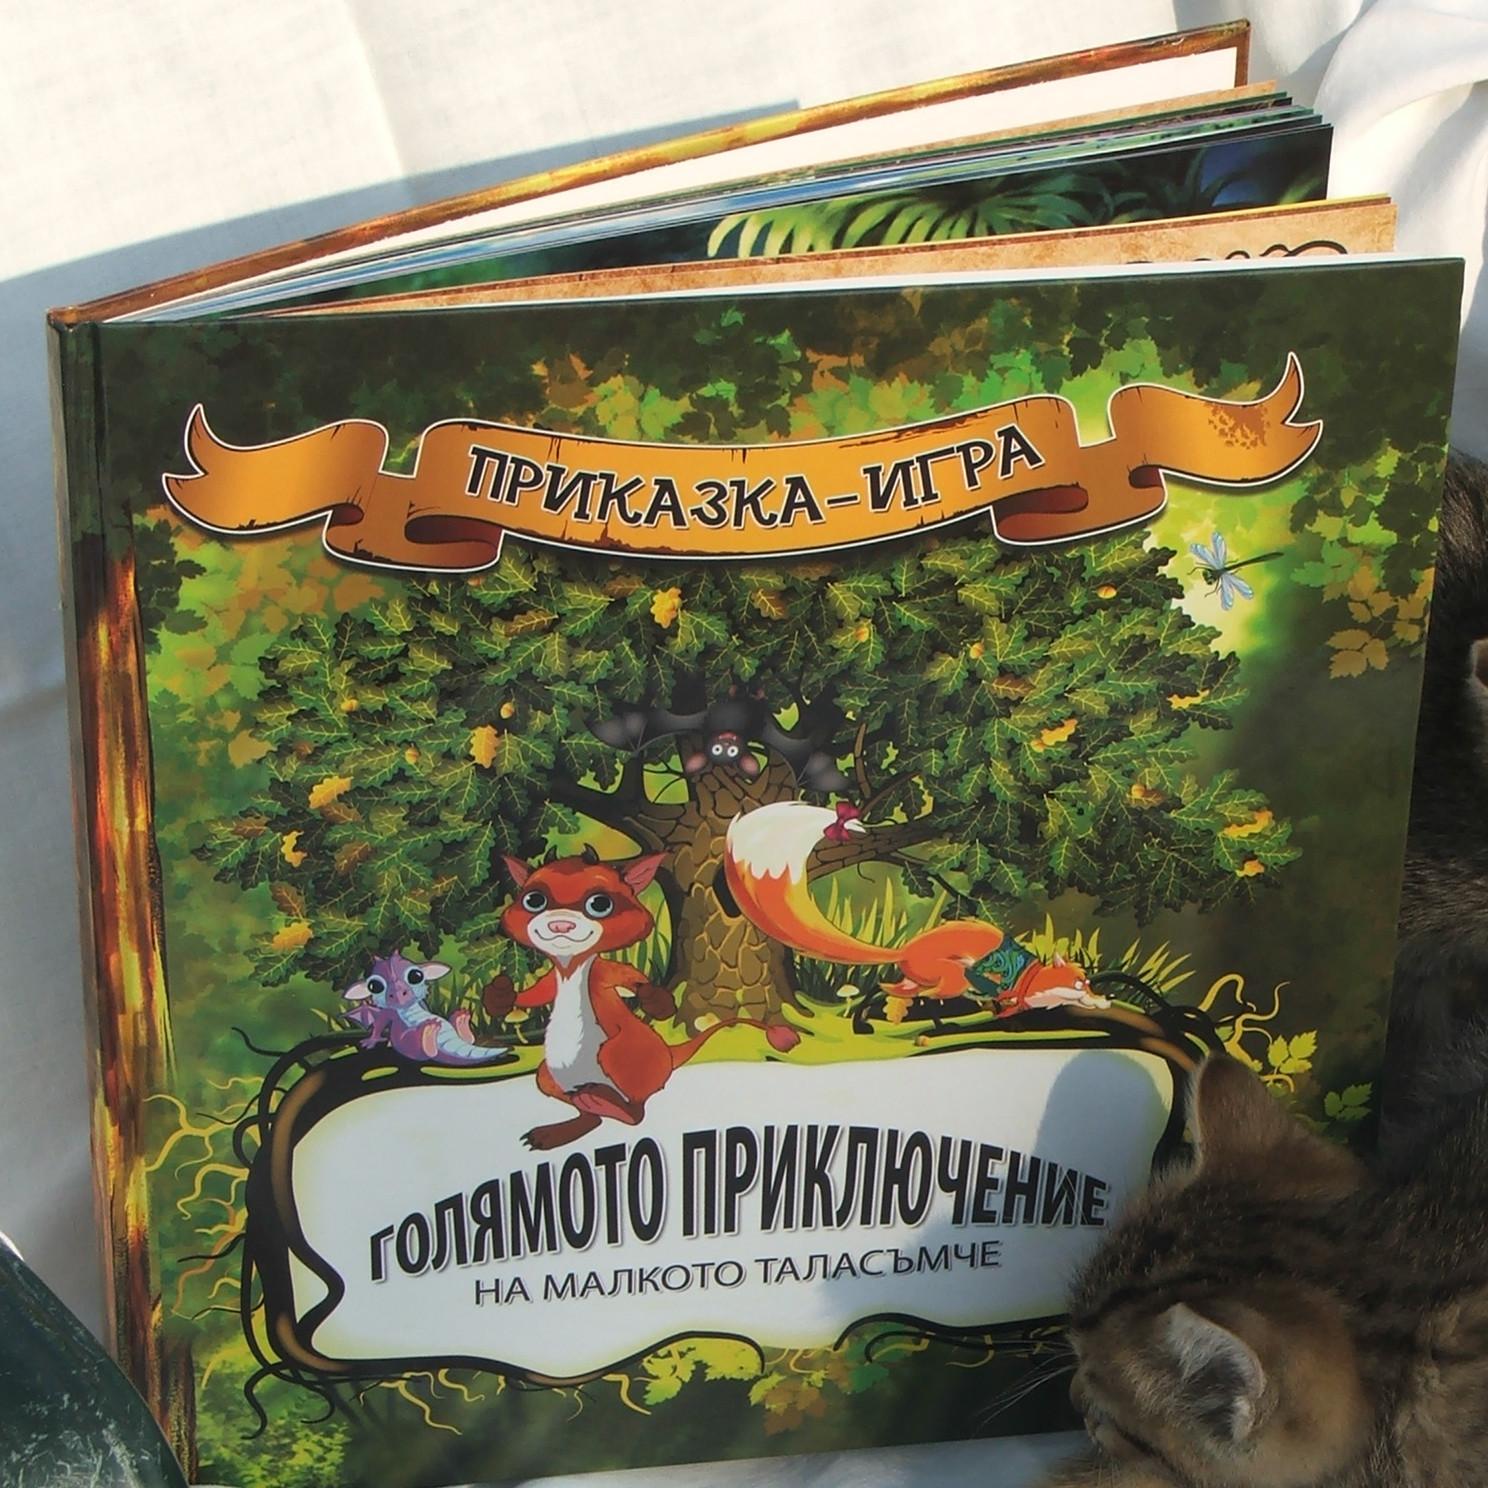 Голямото приключение на малкото таласъмче – приказката игра!